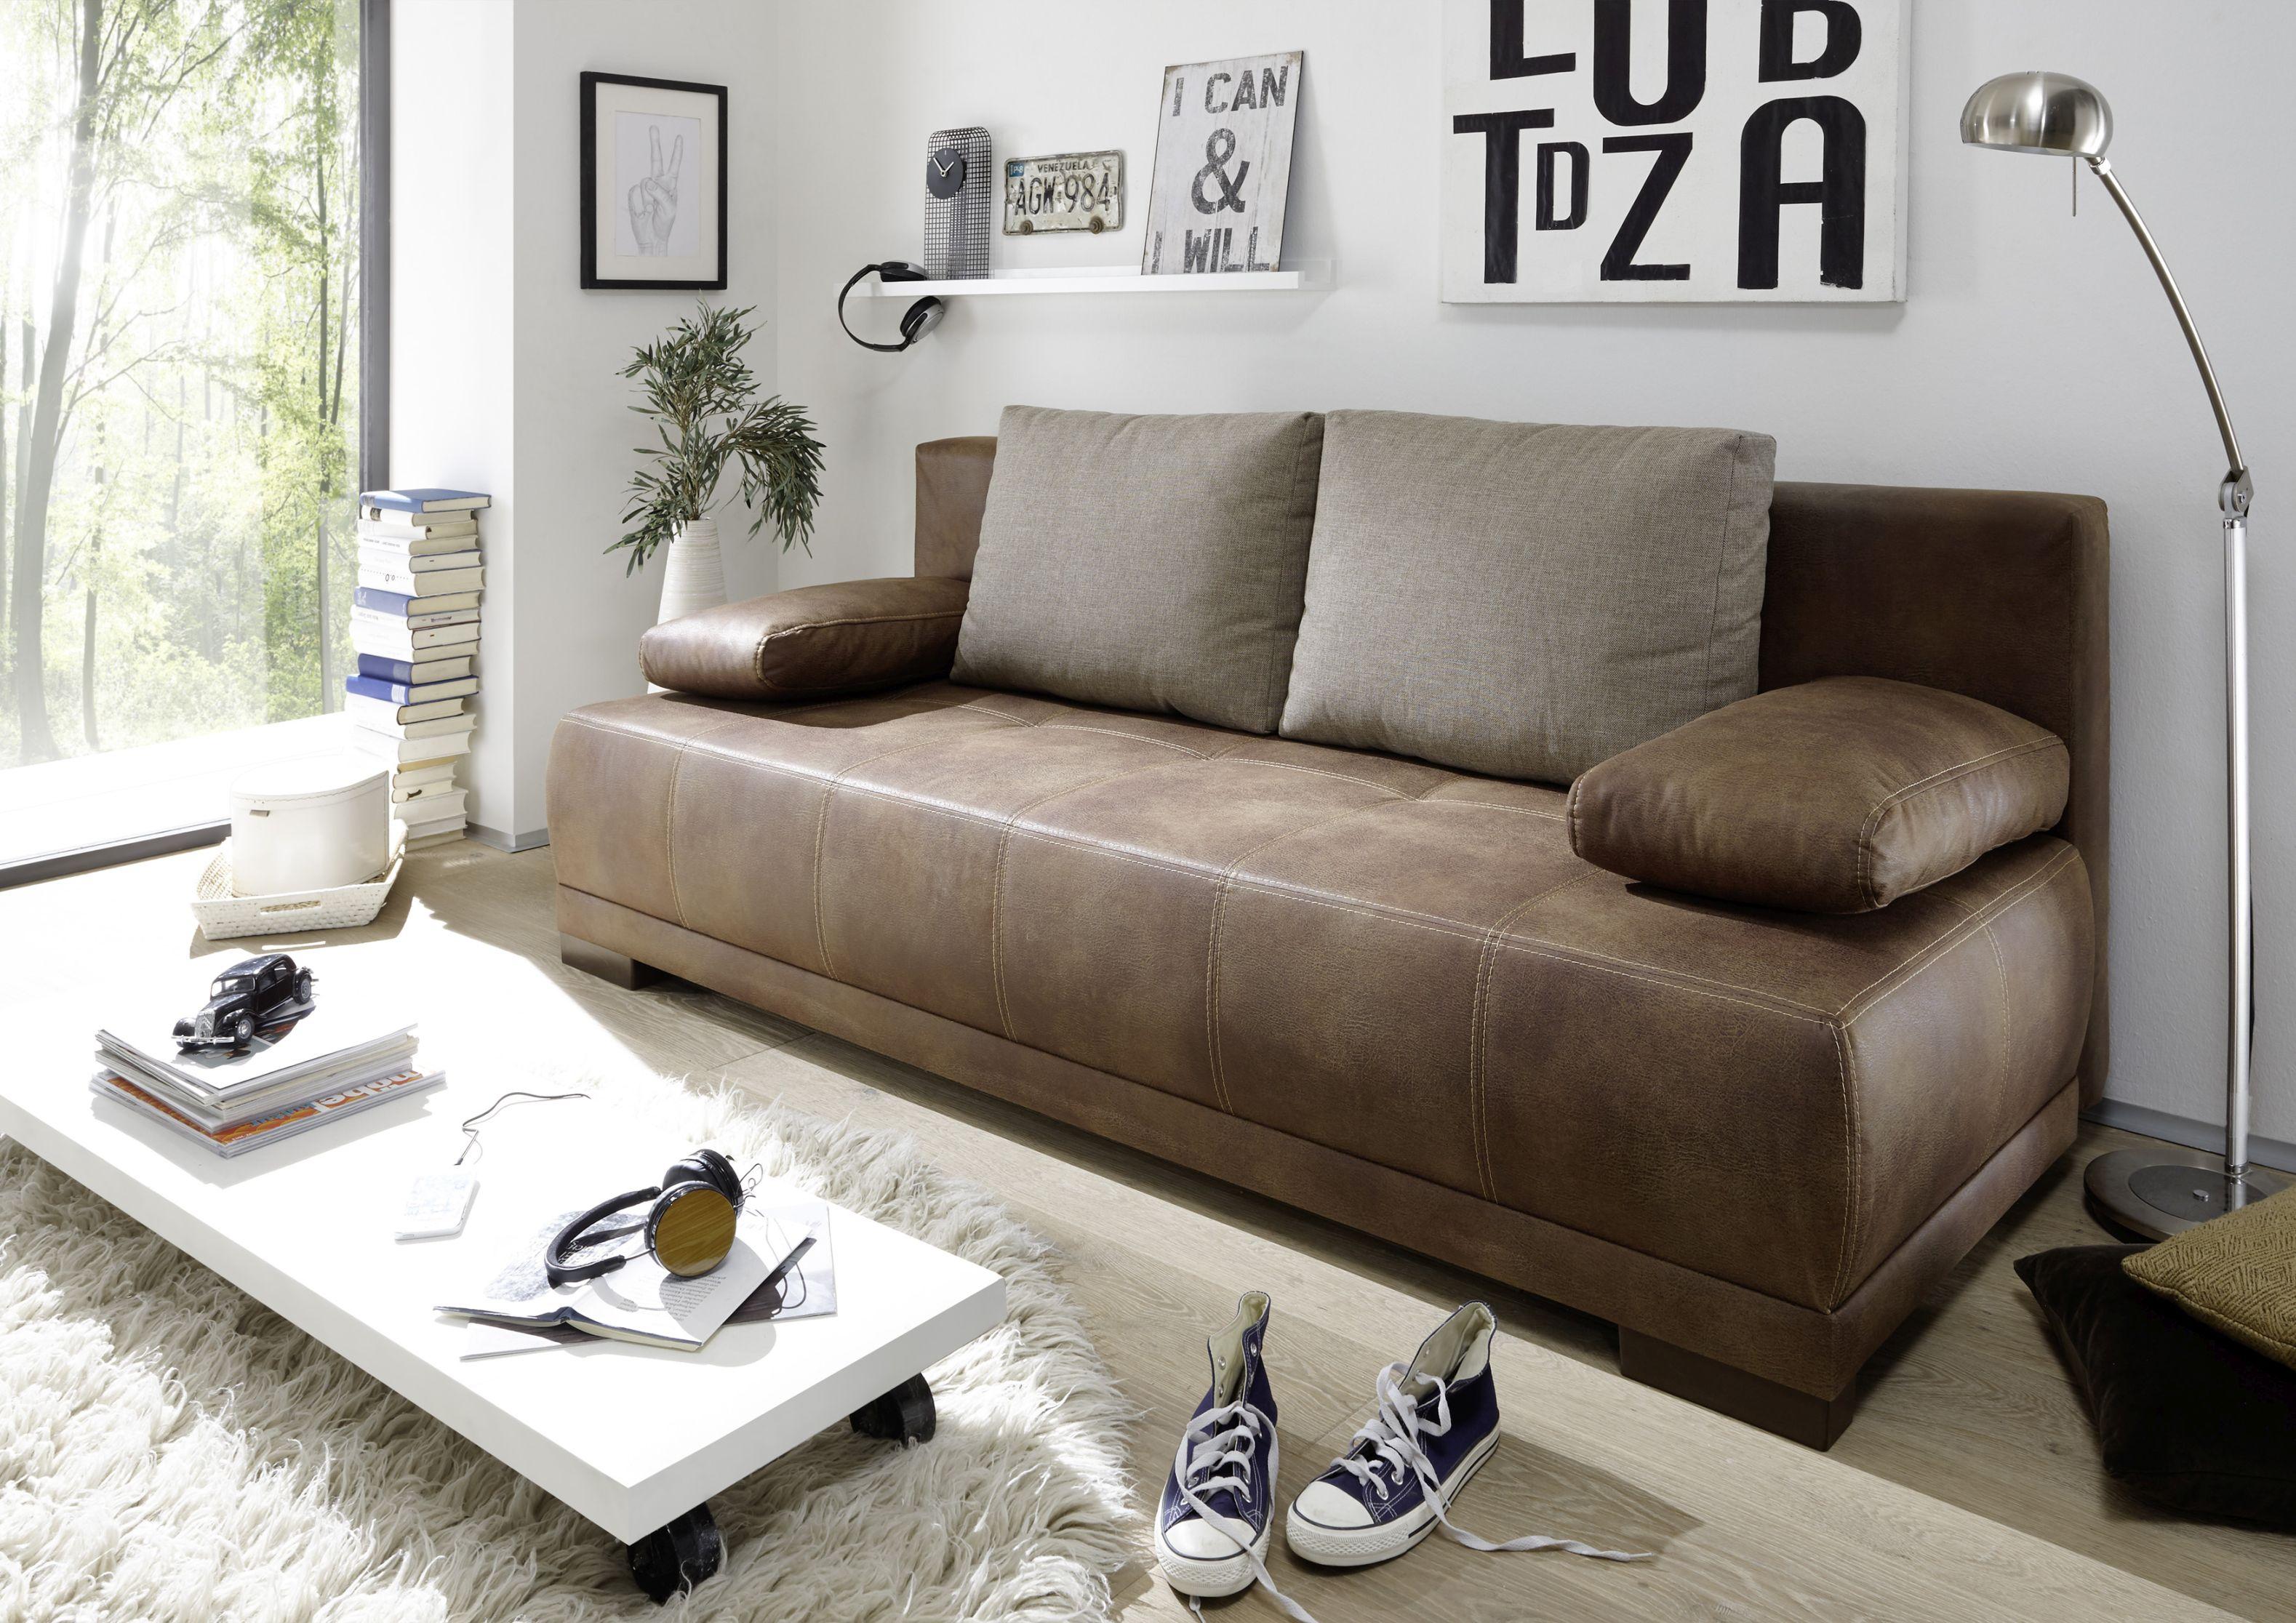 Couch Schlafsofa Sofabett Funktionssofa Ausziehbar Lederlook Braun